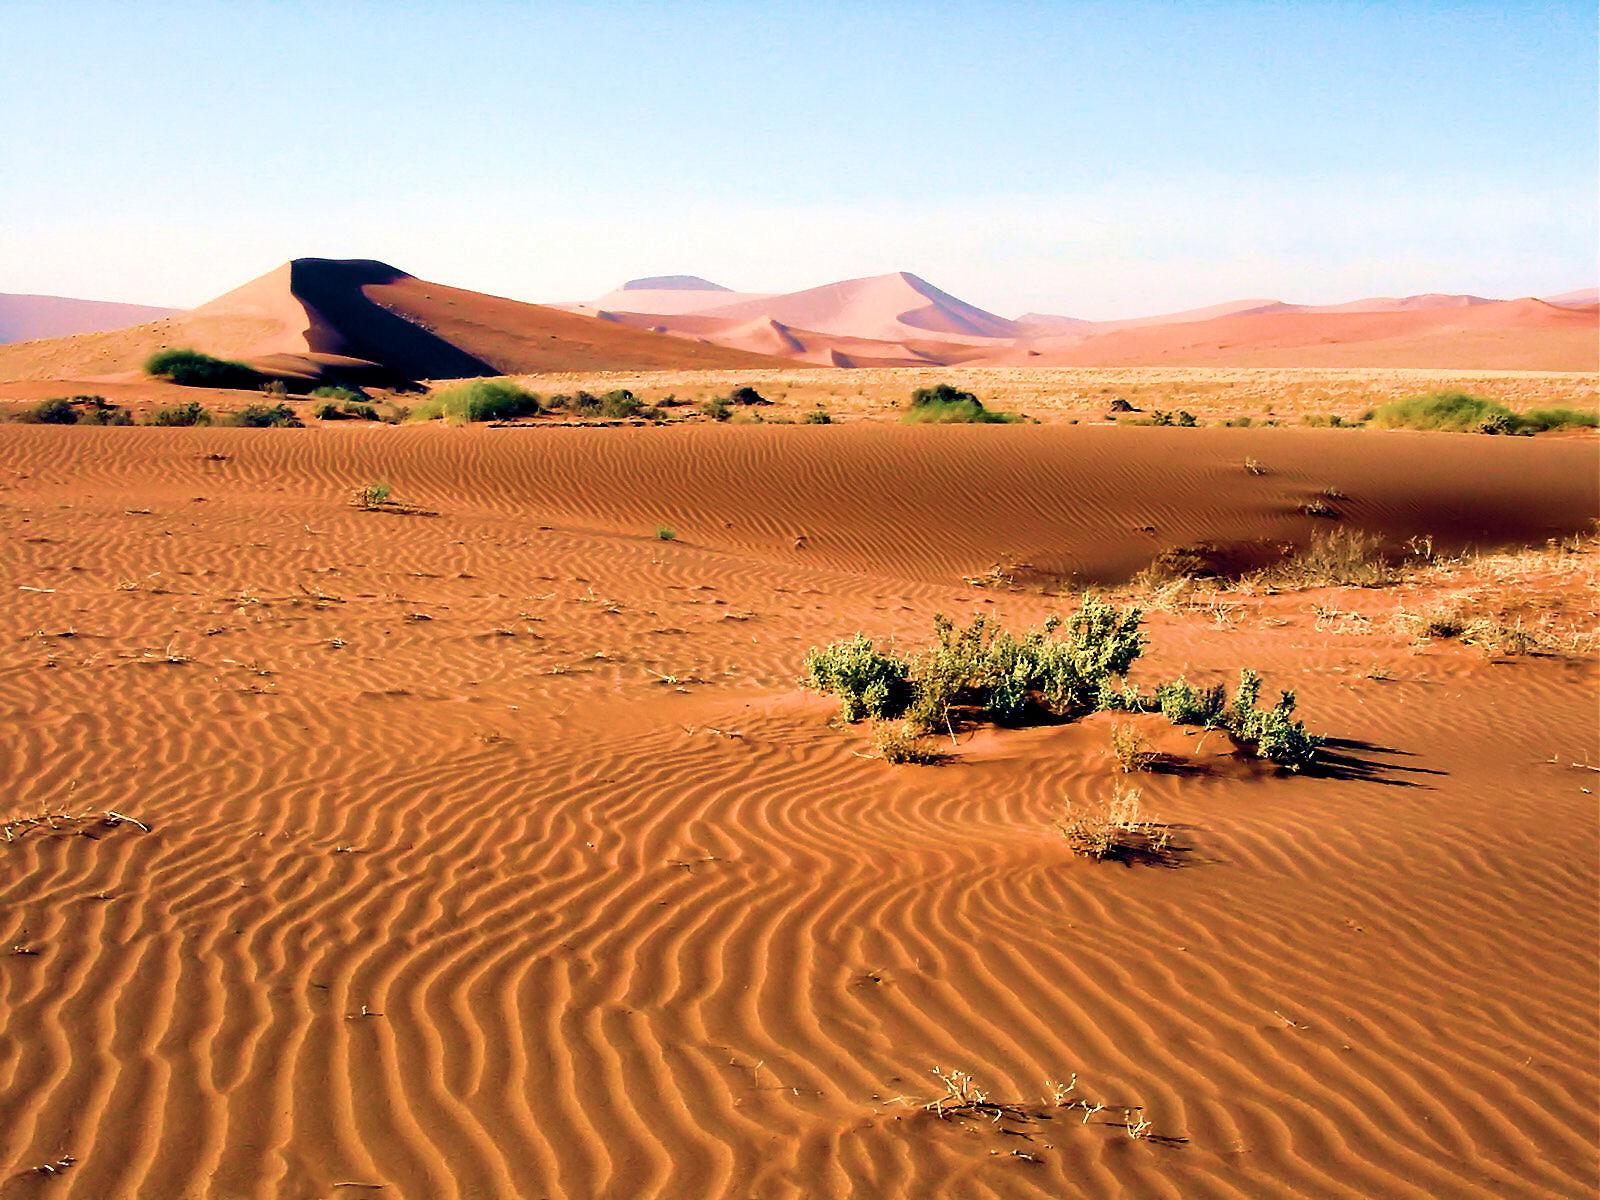 Natural Resources In The Kalahari Desert